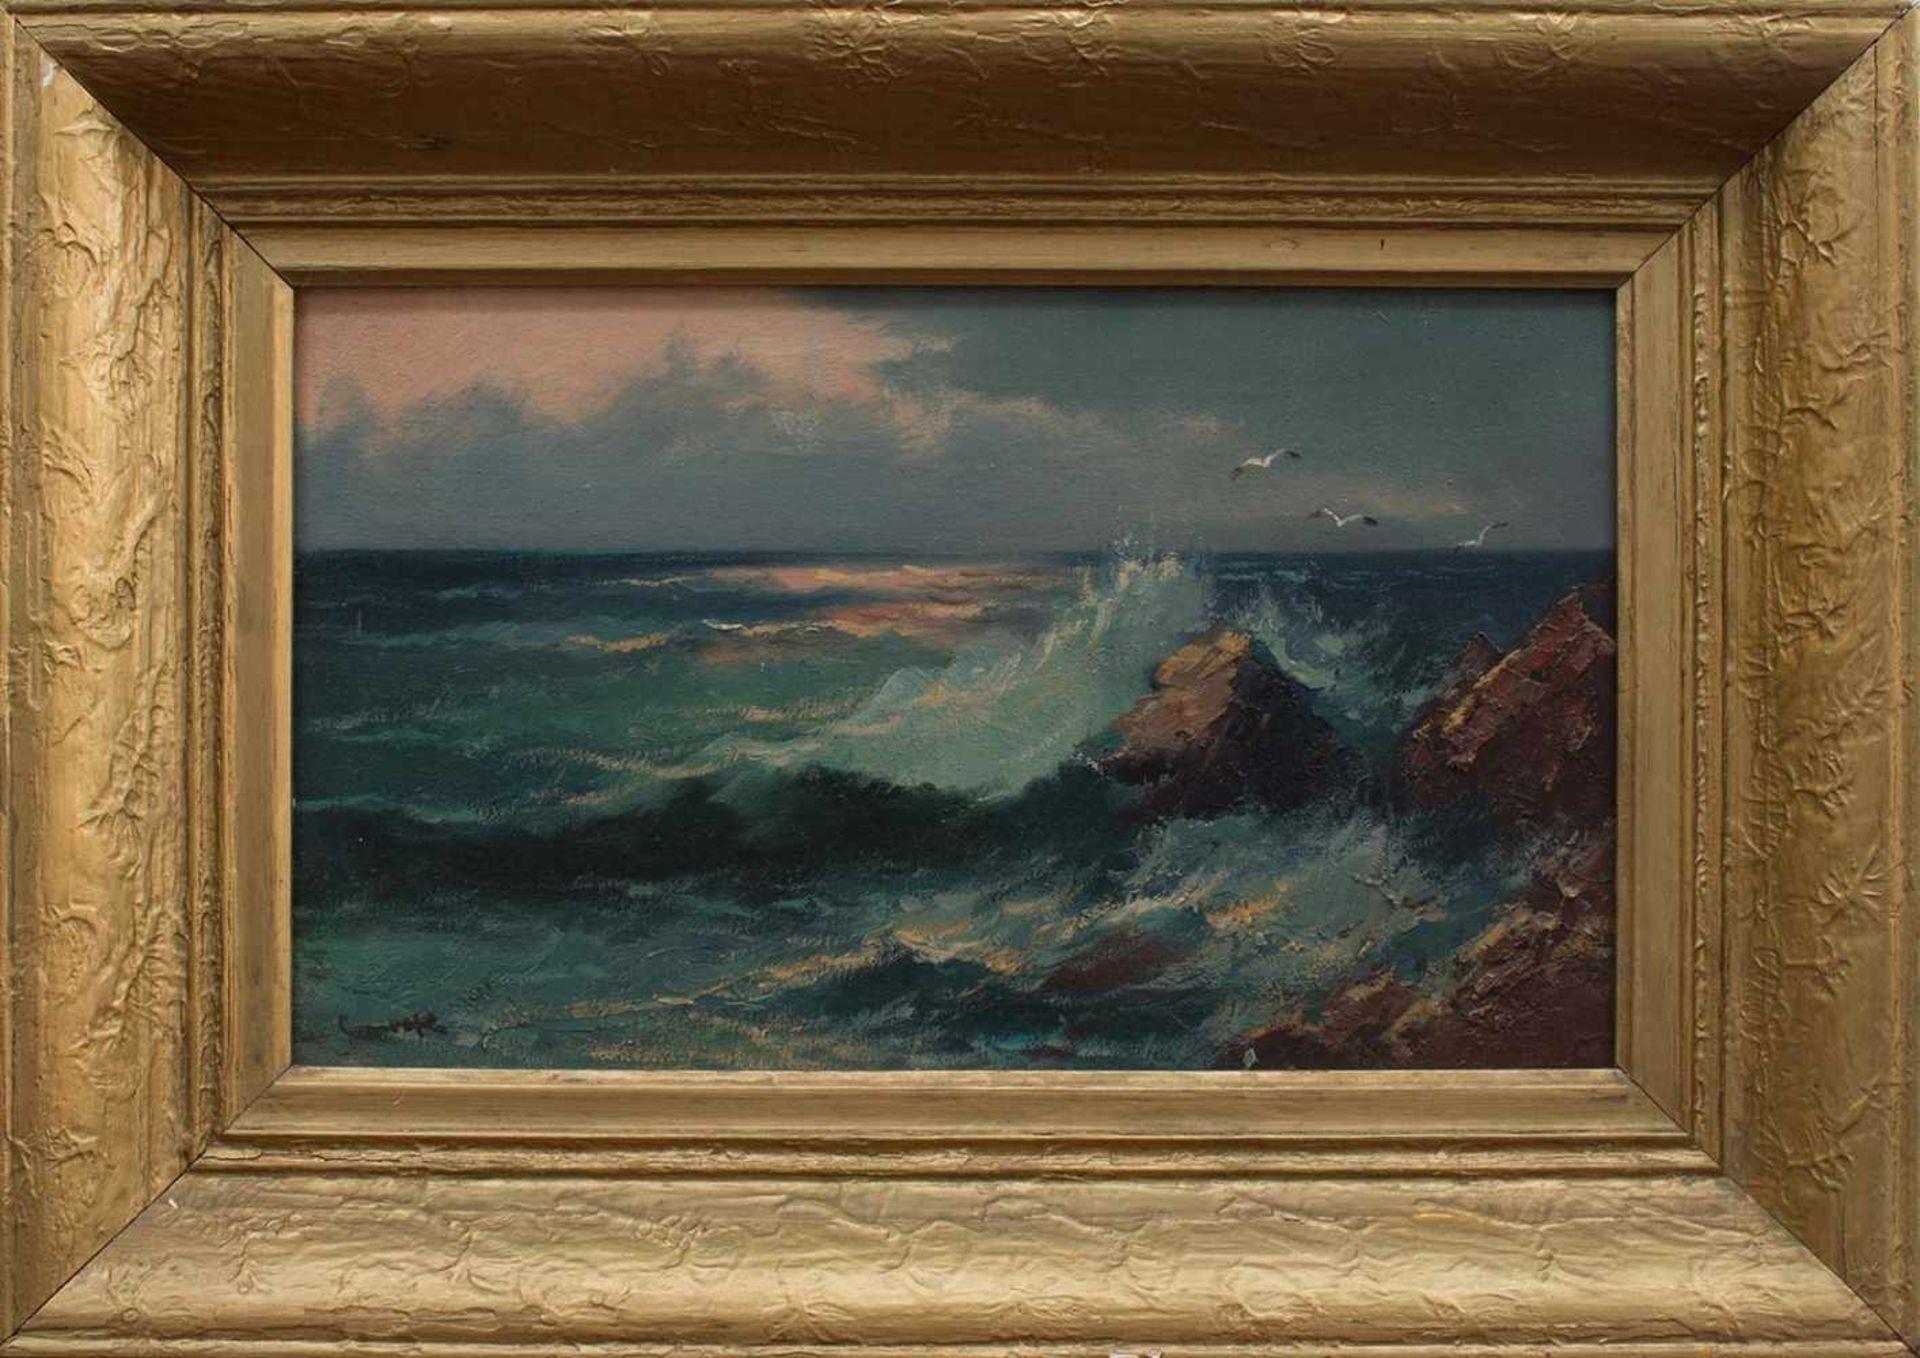 Leonhard Sandrock (Neumarkt/ Schlesien 1867 - 1945 Berlin, deutscher Maler u. Radierer, zunächst